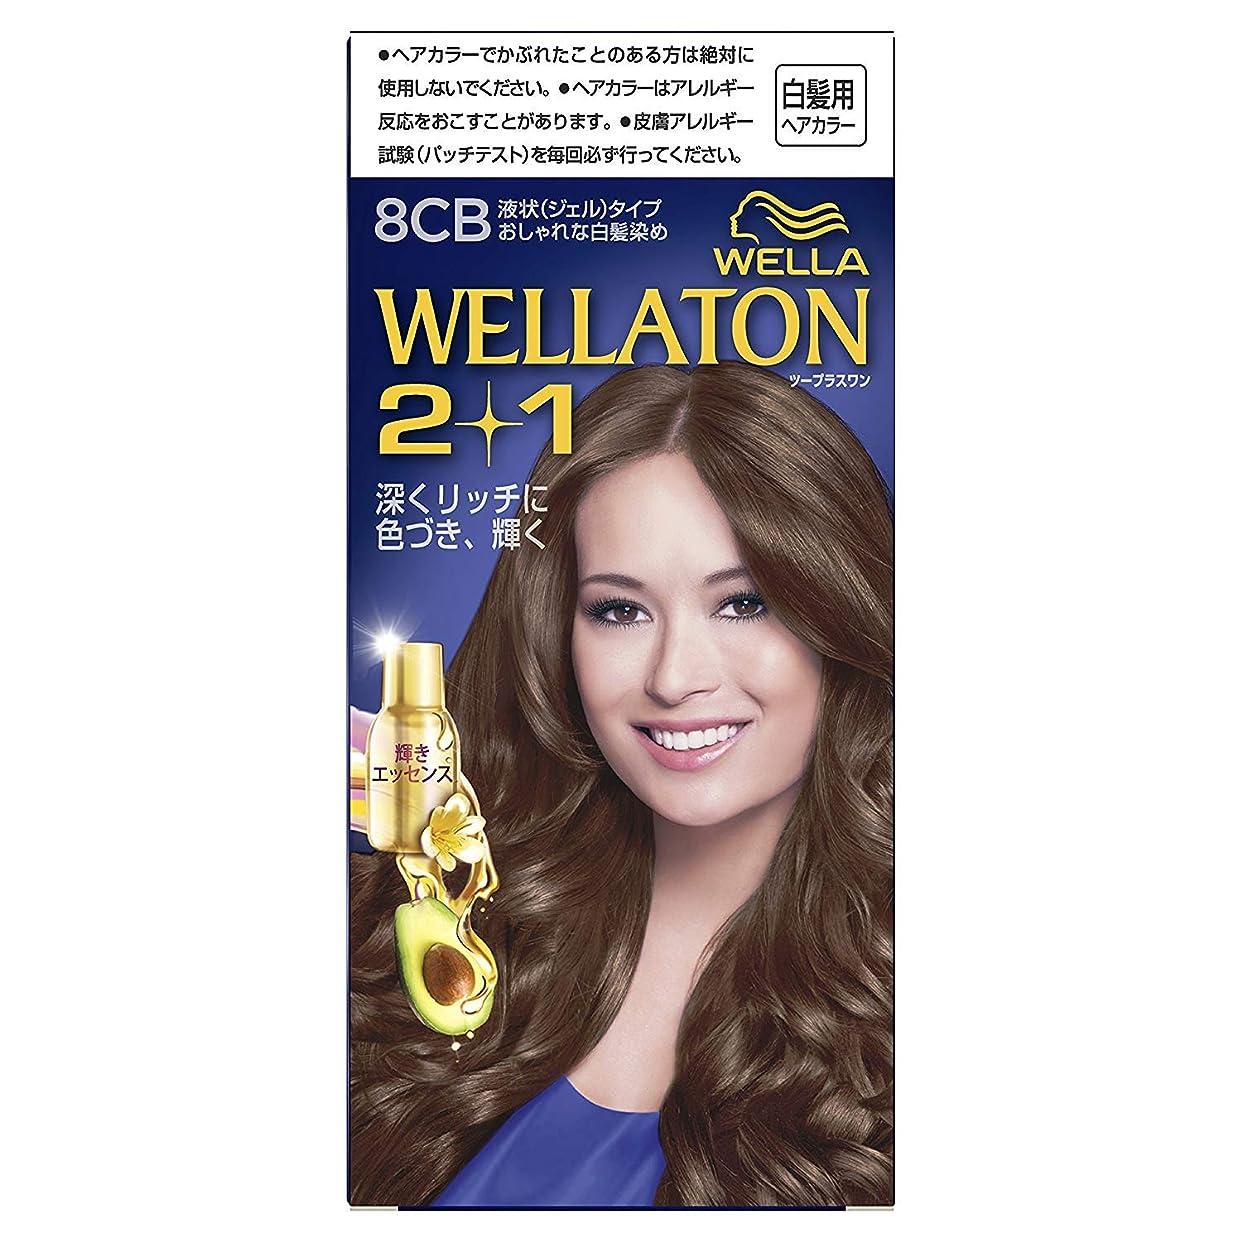 シソーラスくちばしウエラトーン2+1 白髪染め 液状タイプ 8CB [医薬部外品] ×6個